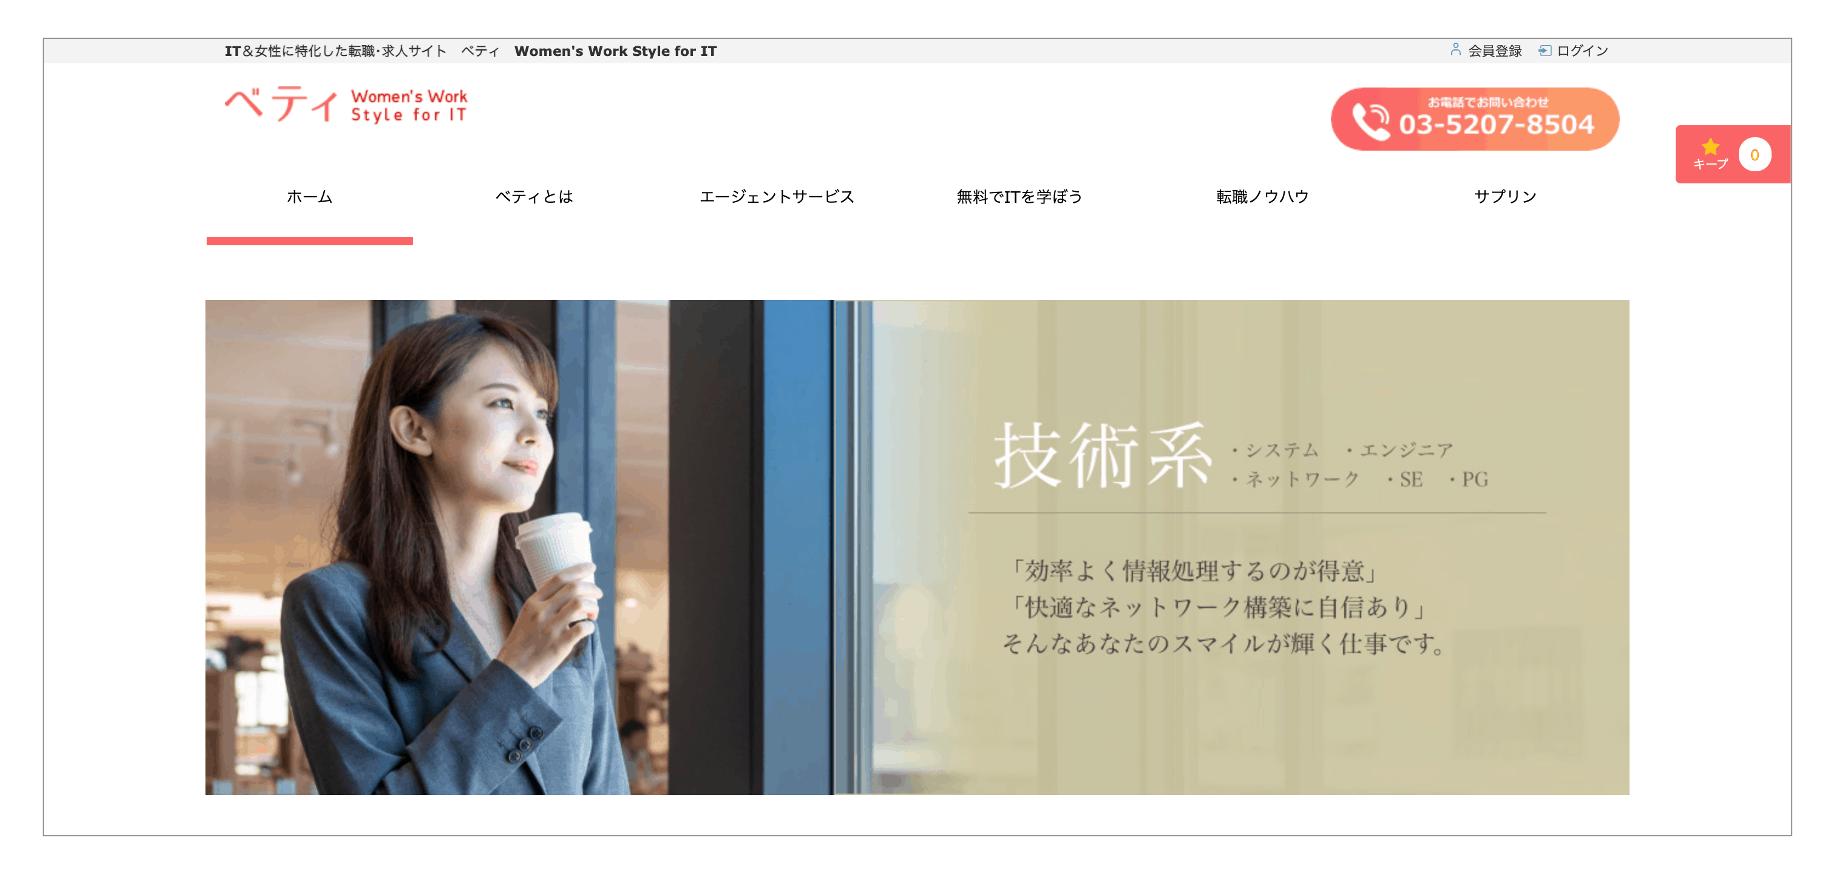 第二新卒におすすめの転職サイト「Women's Work Style for IT「ベティ」」